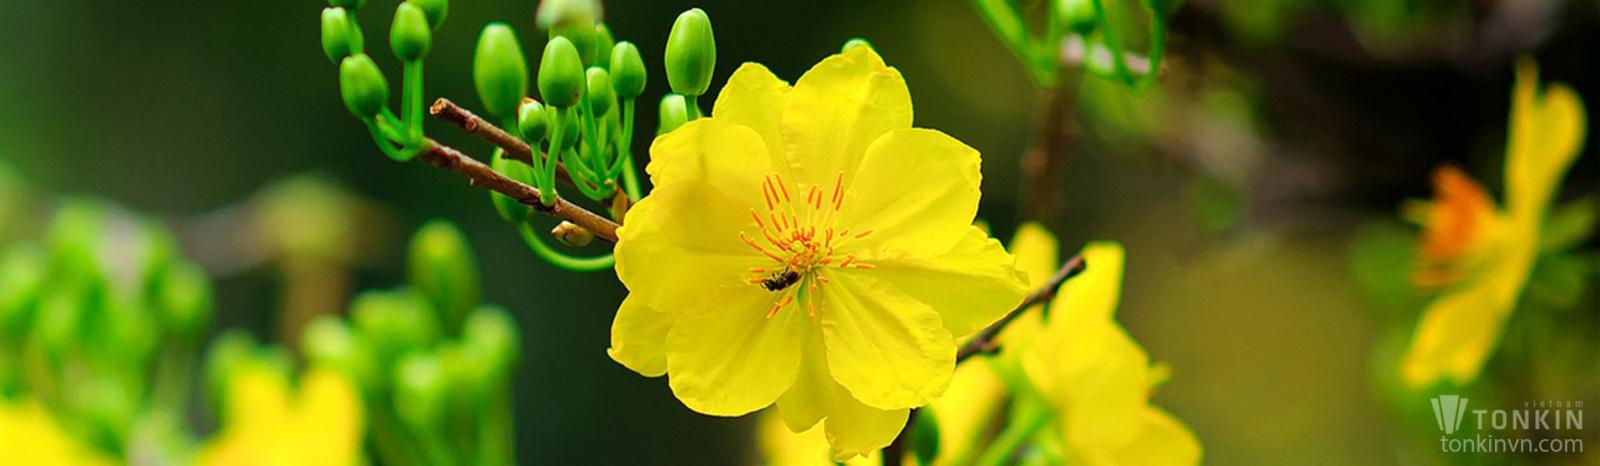 Hoa mai ngày tết